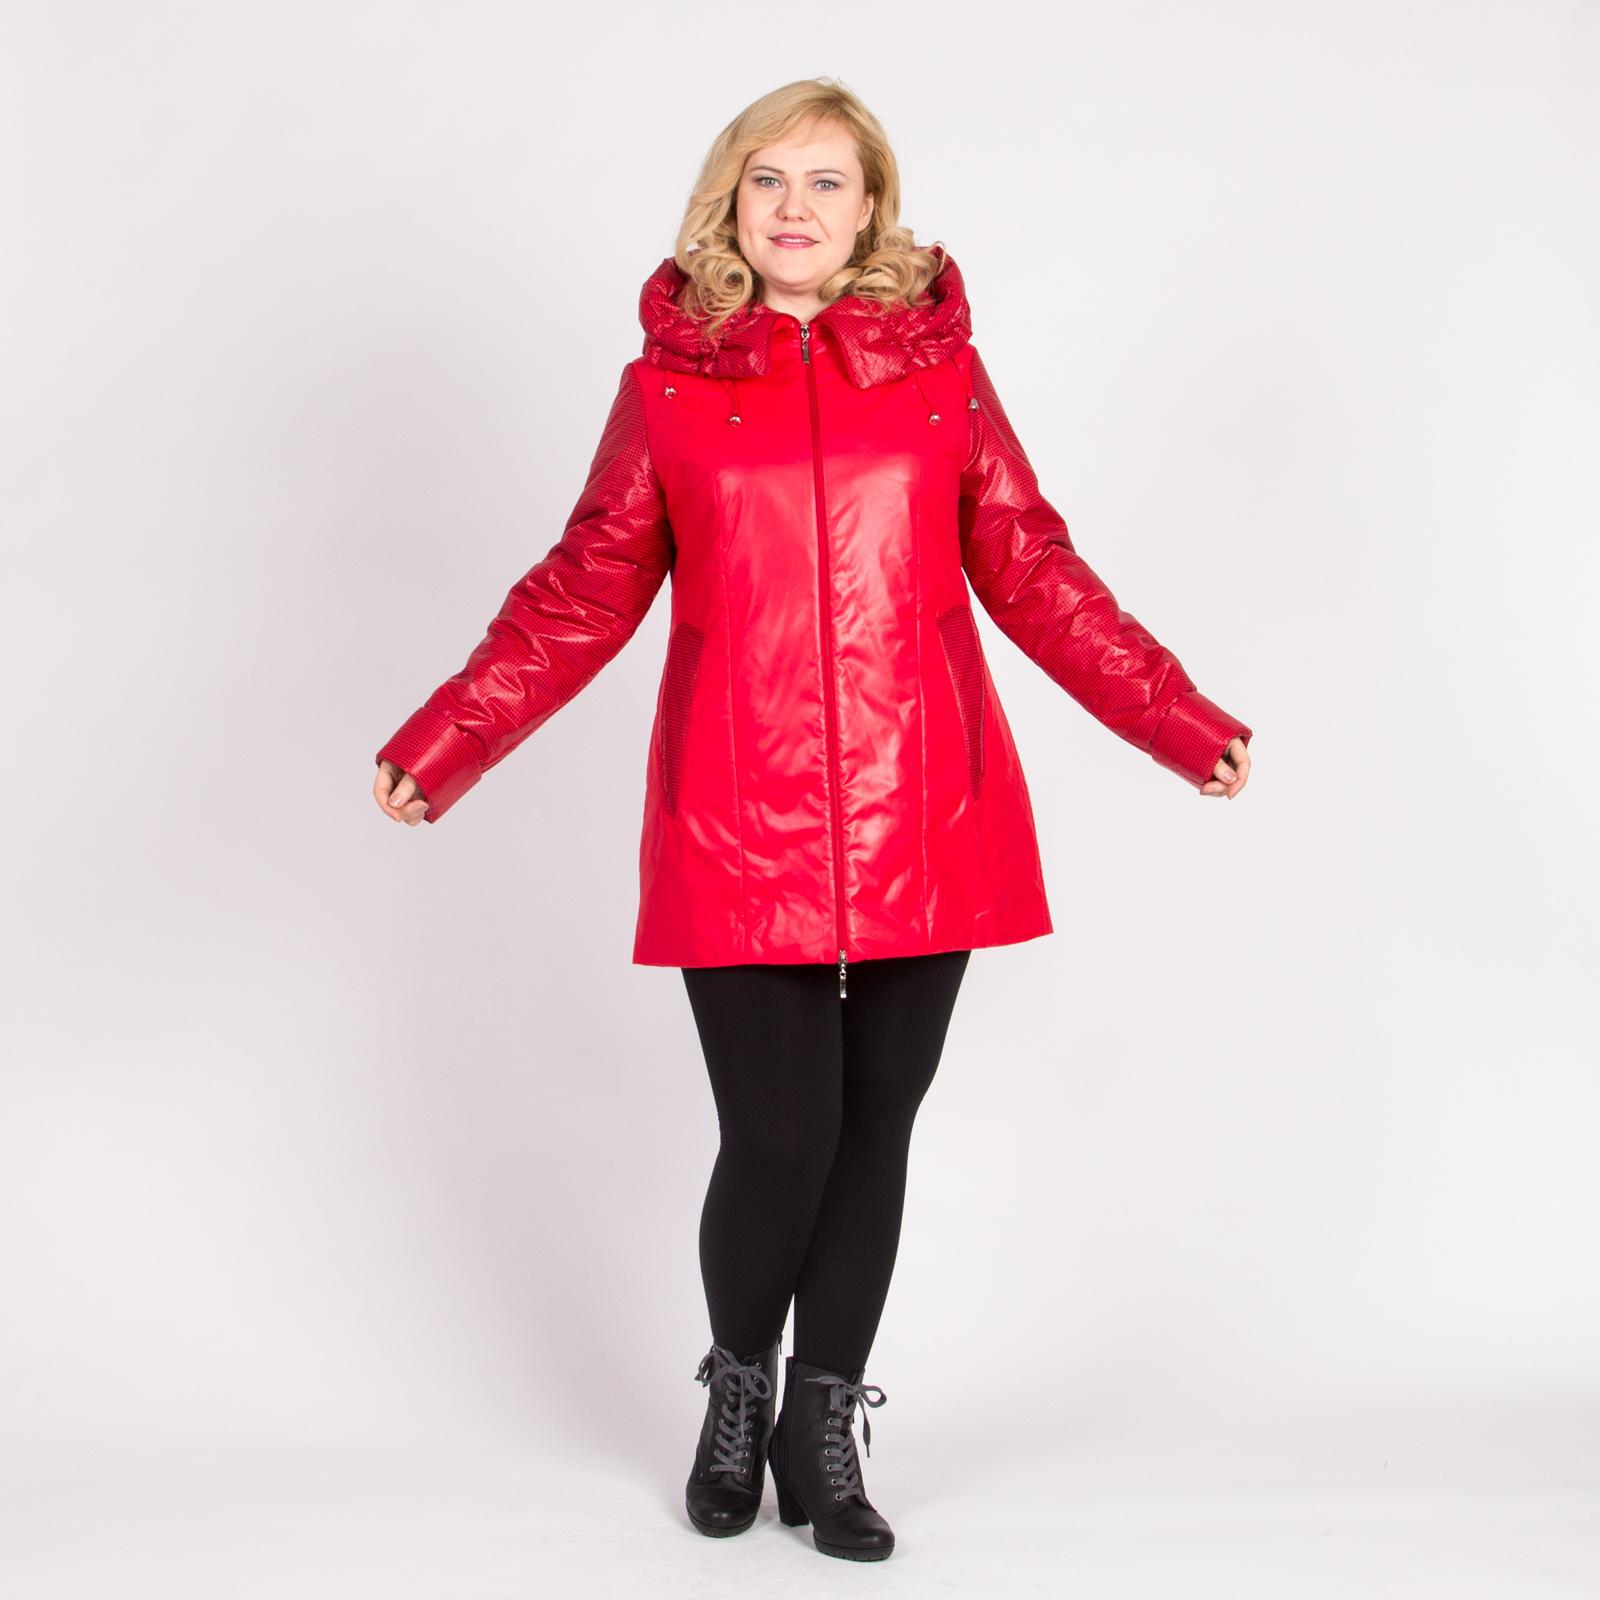 Куртка с капюшоном «Яркая весна» виброплатформы для похудения в алматы в интернет магазине